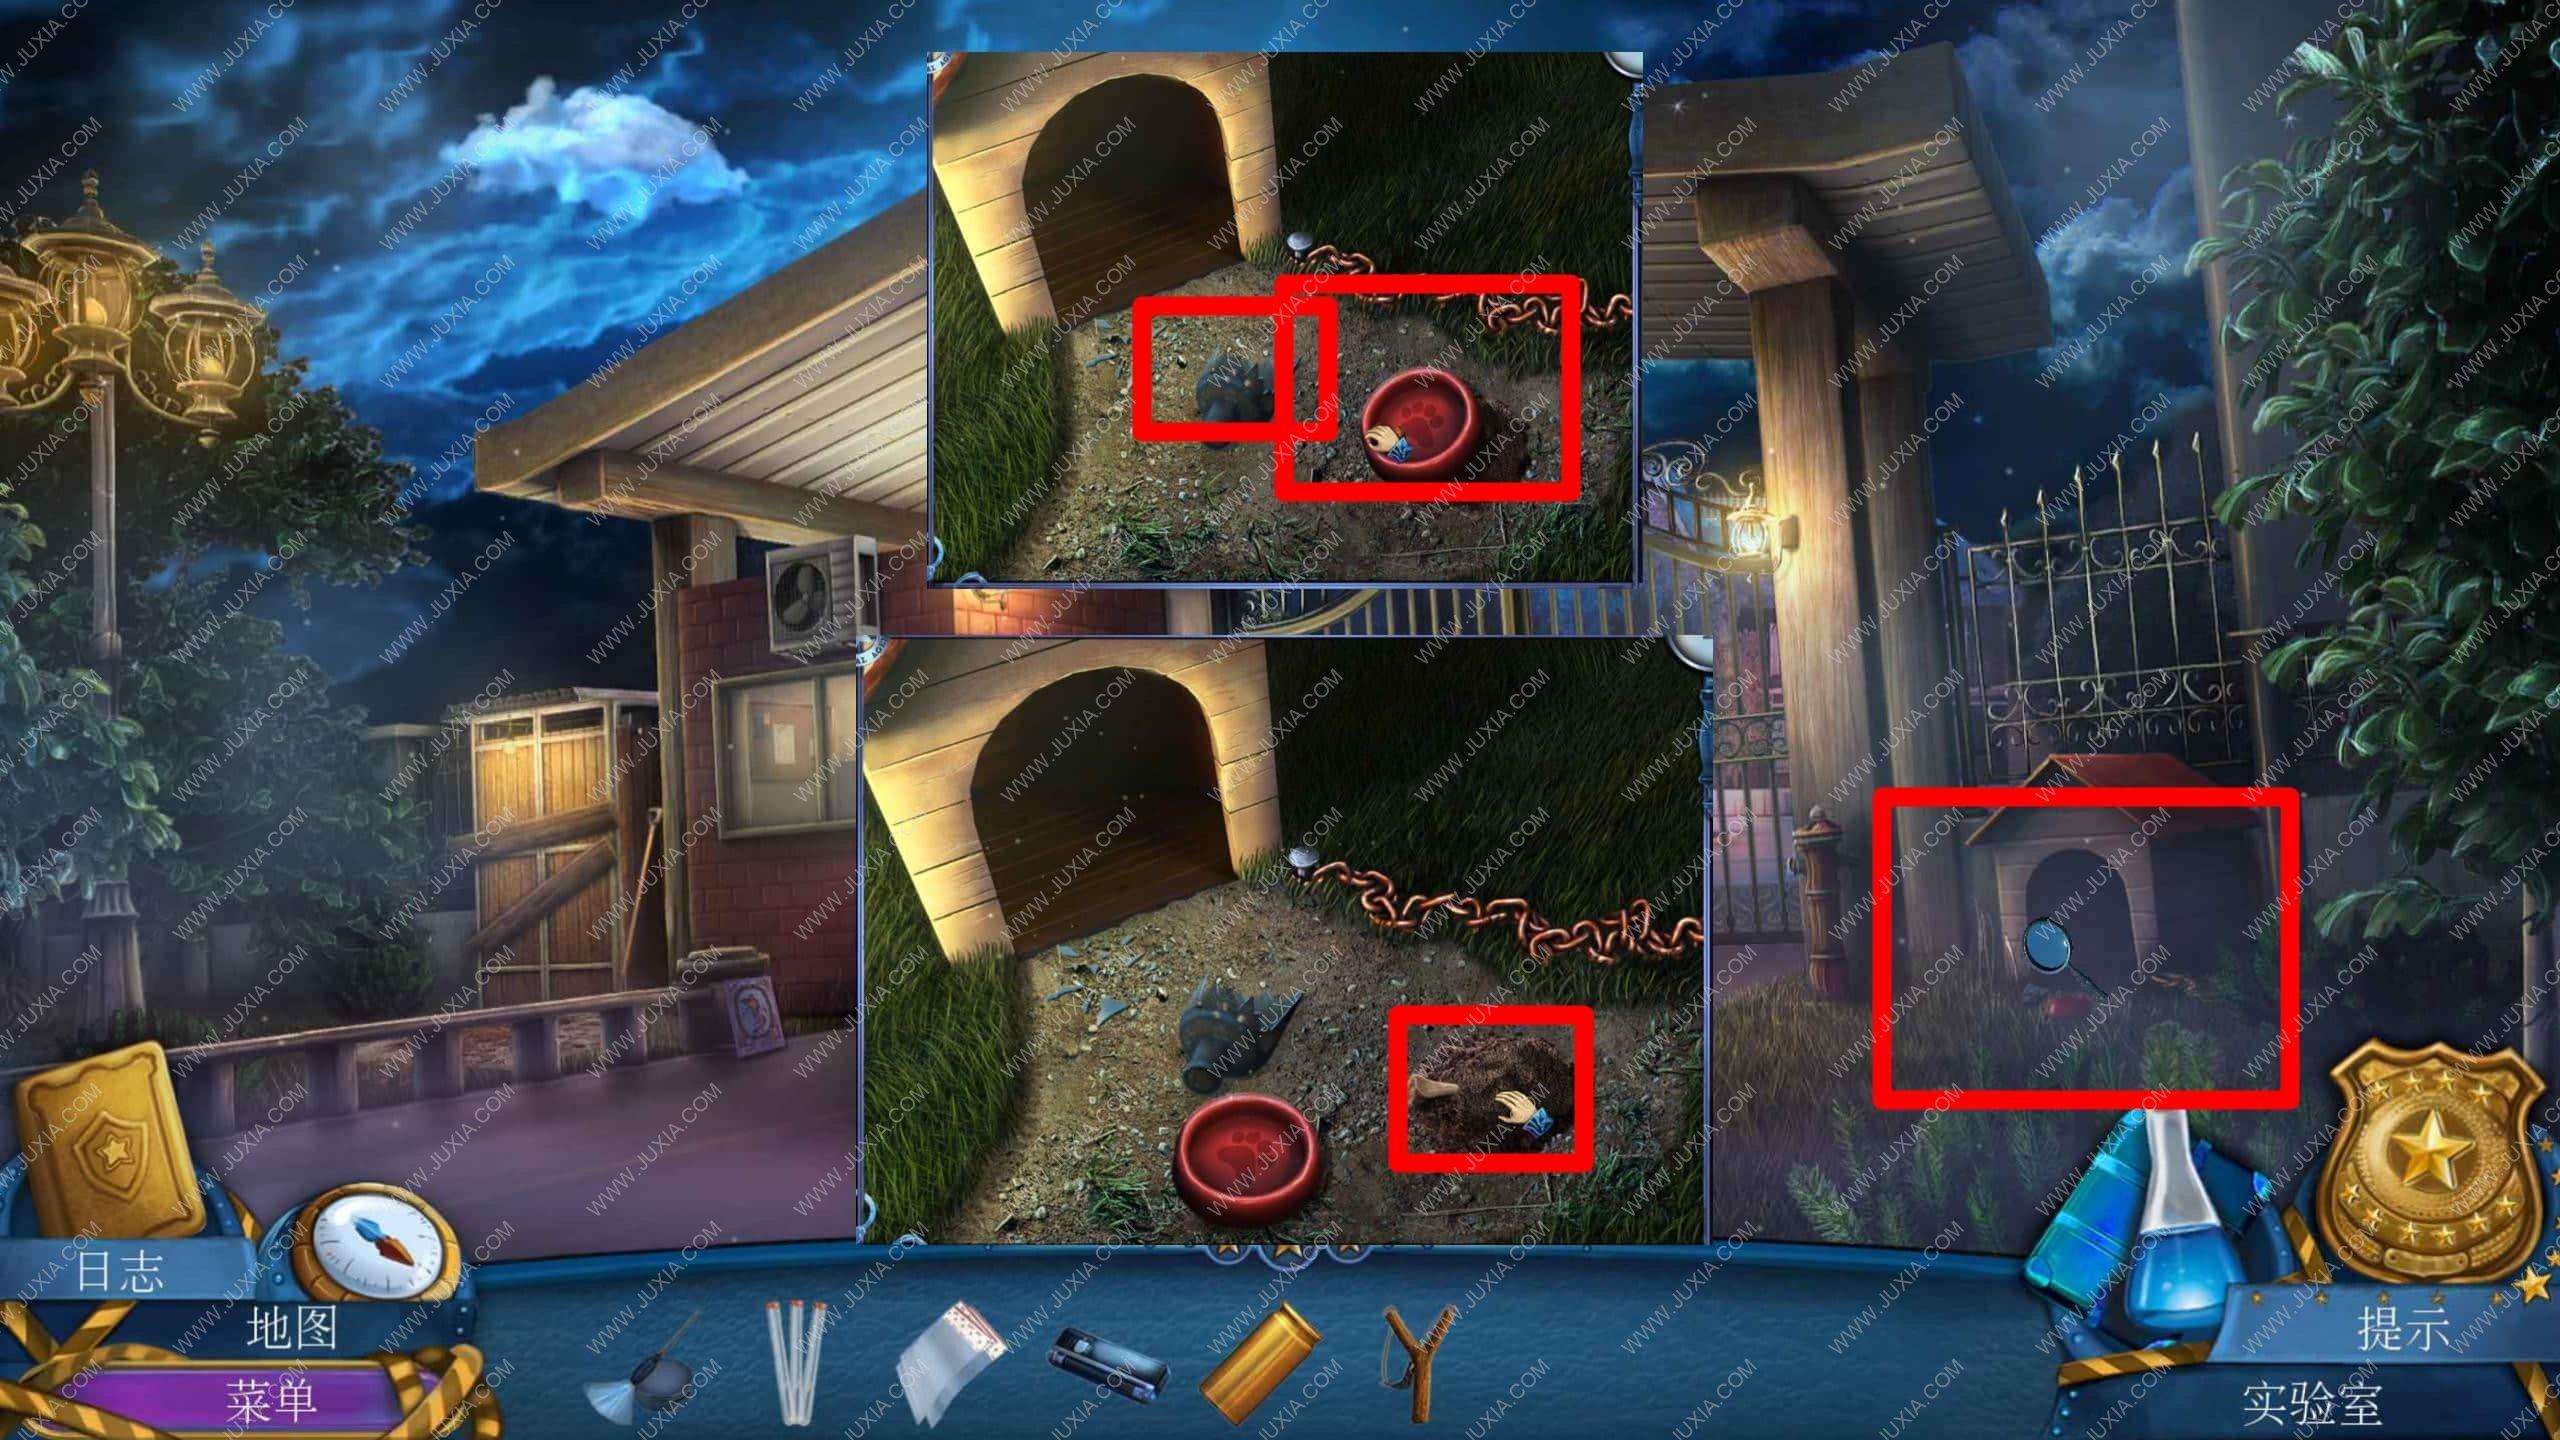 密室逃脱滚动迷城攻略第五章 幽灵档案罪恶的面孔攻略